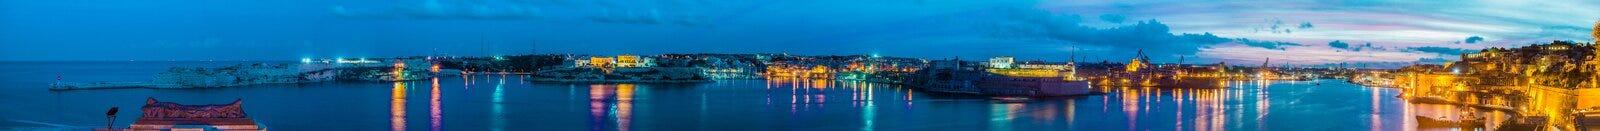 La Valletta Grand Harbour, Malta. Sunset on La Valletta Grand Harbour as seen from Lower Baracca Gardens, Malta Stock Photo